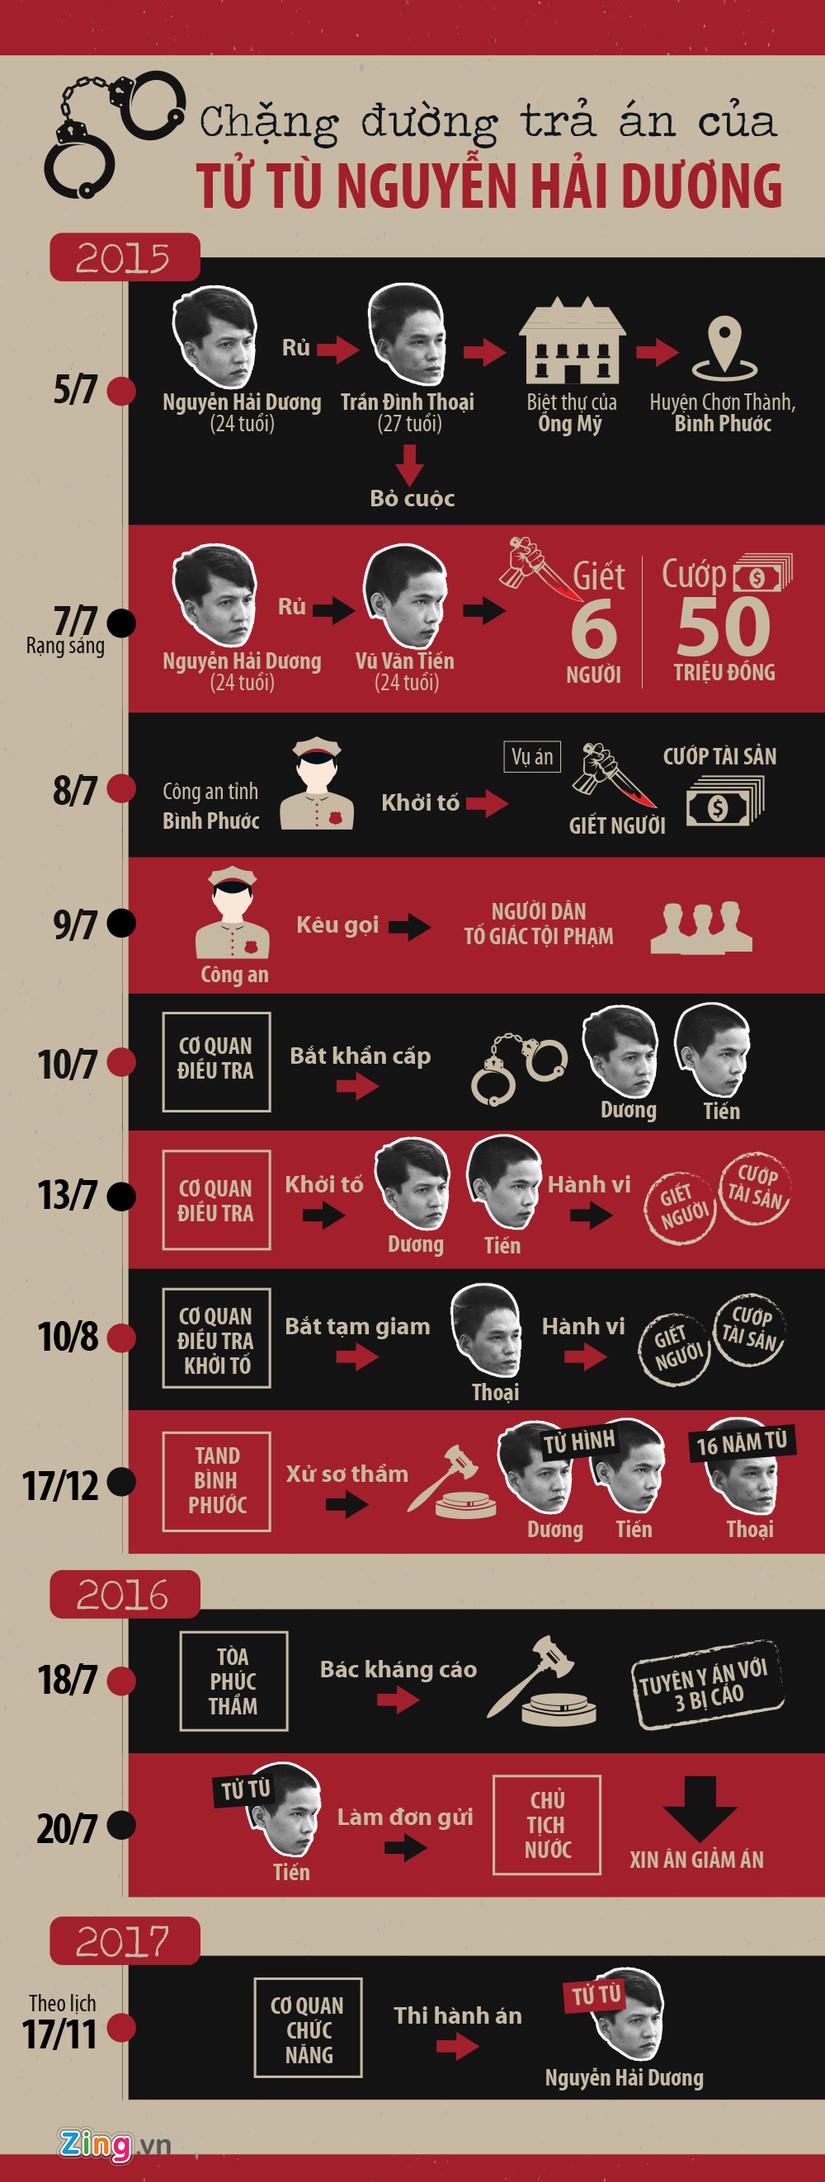 Những ngày cuối của tử tù Nguyễn Hải Dương với tâm lý khá ổn định